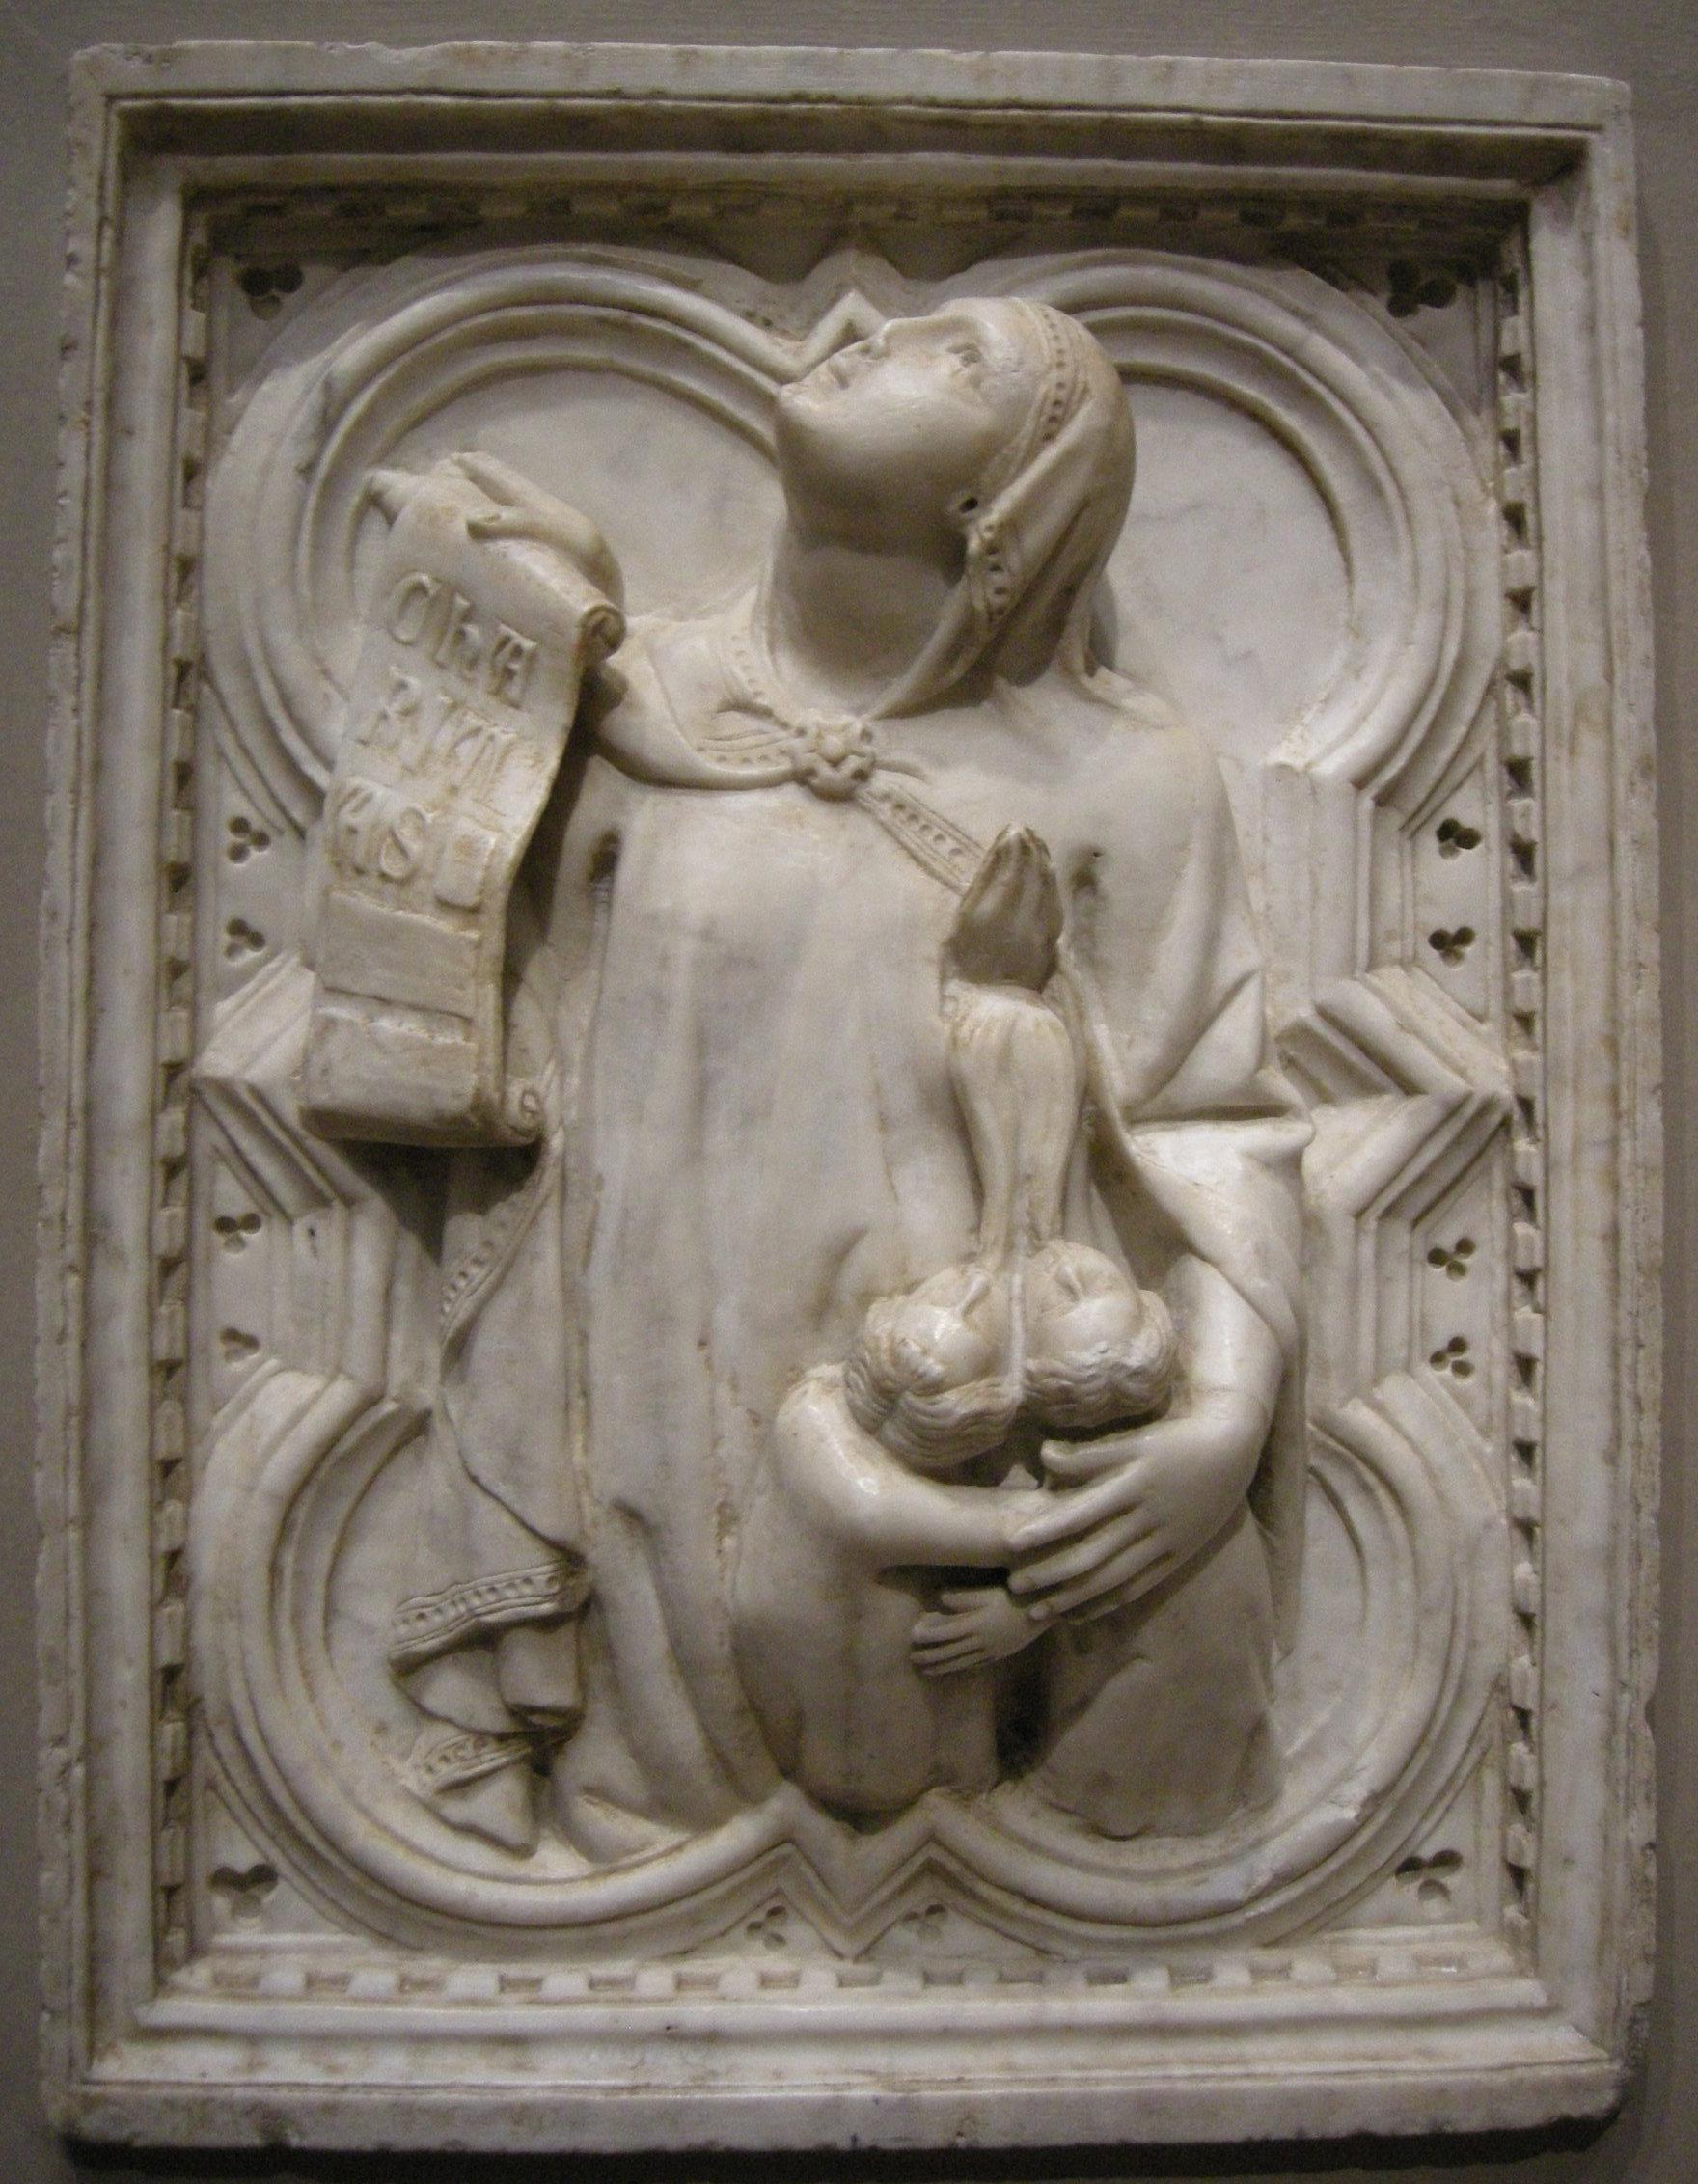 File:Giovanni di balduccio, carità, 1328-1338 circa.JPG